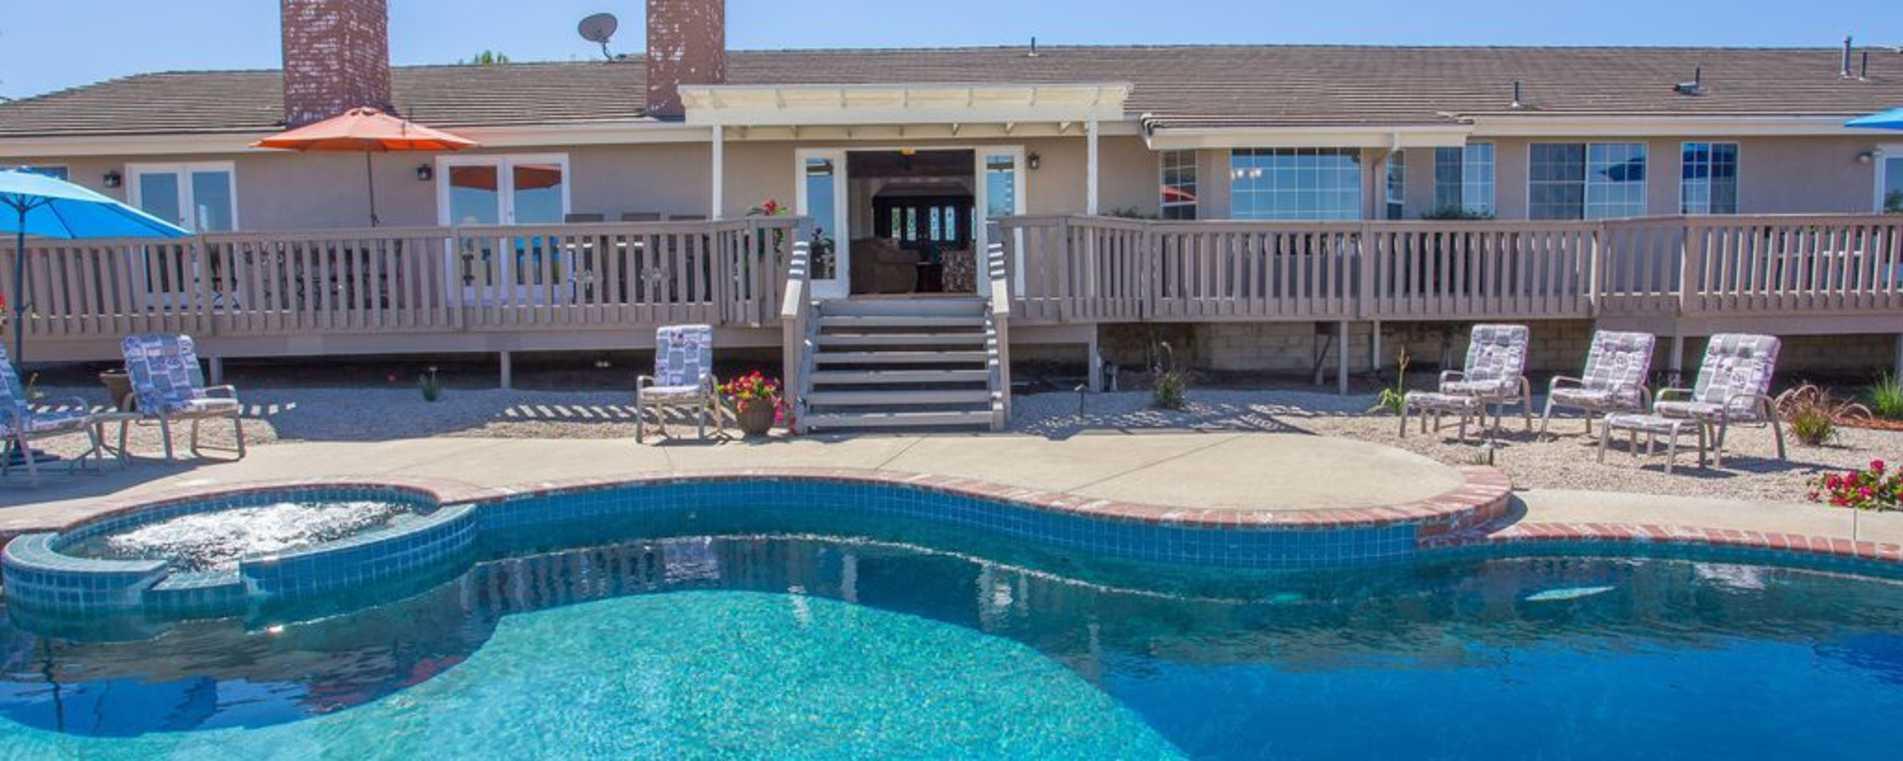 Pool Area at Vineyard Villa - TWC Villas